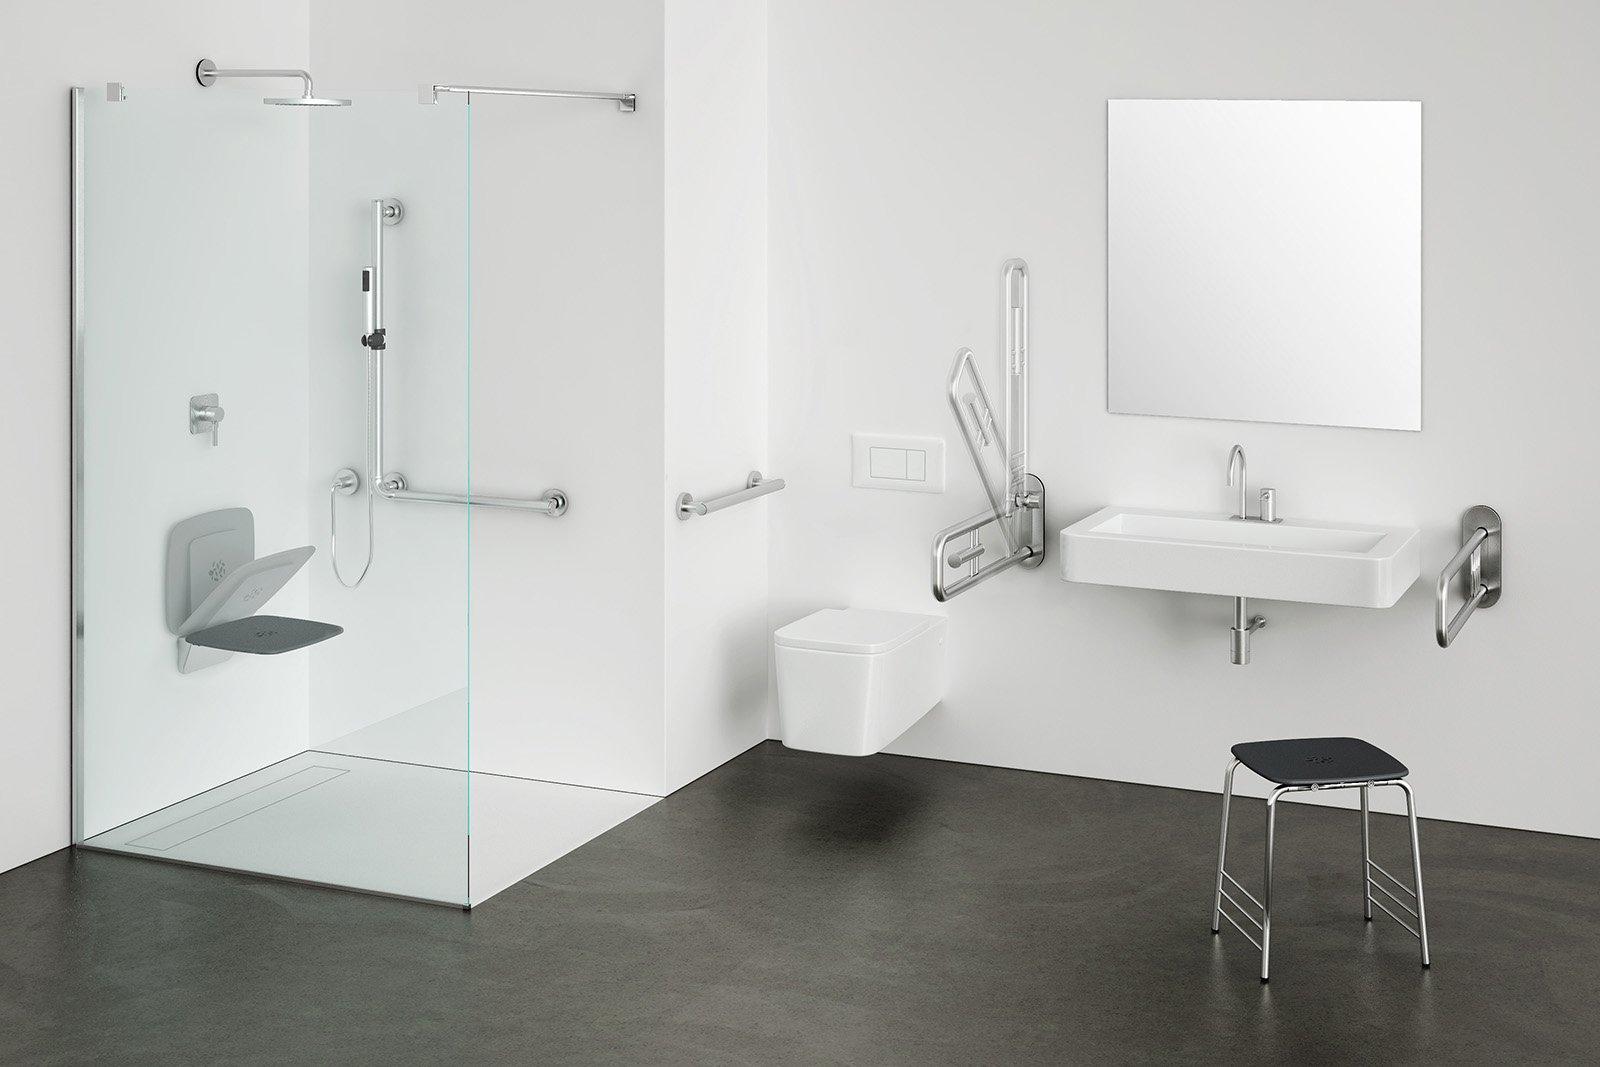 Bagno bagno disabile dimensioni minime wc disabili bagno